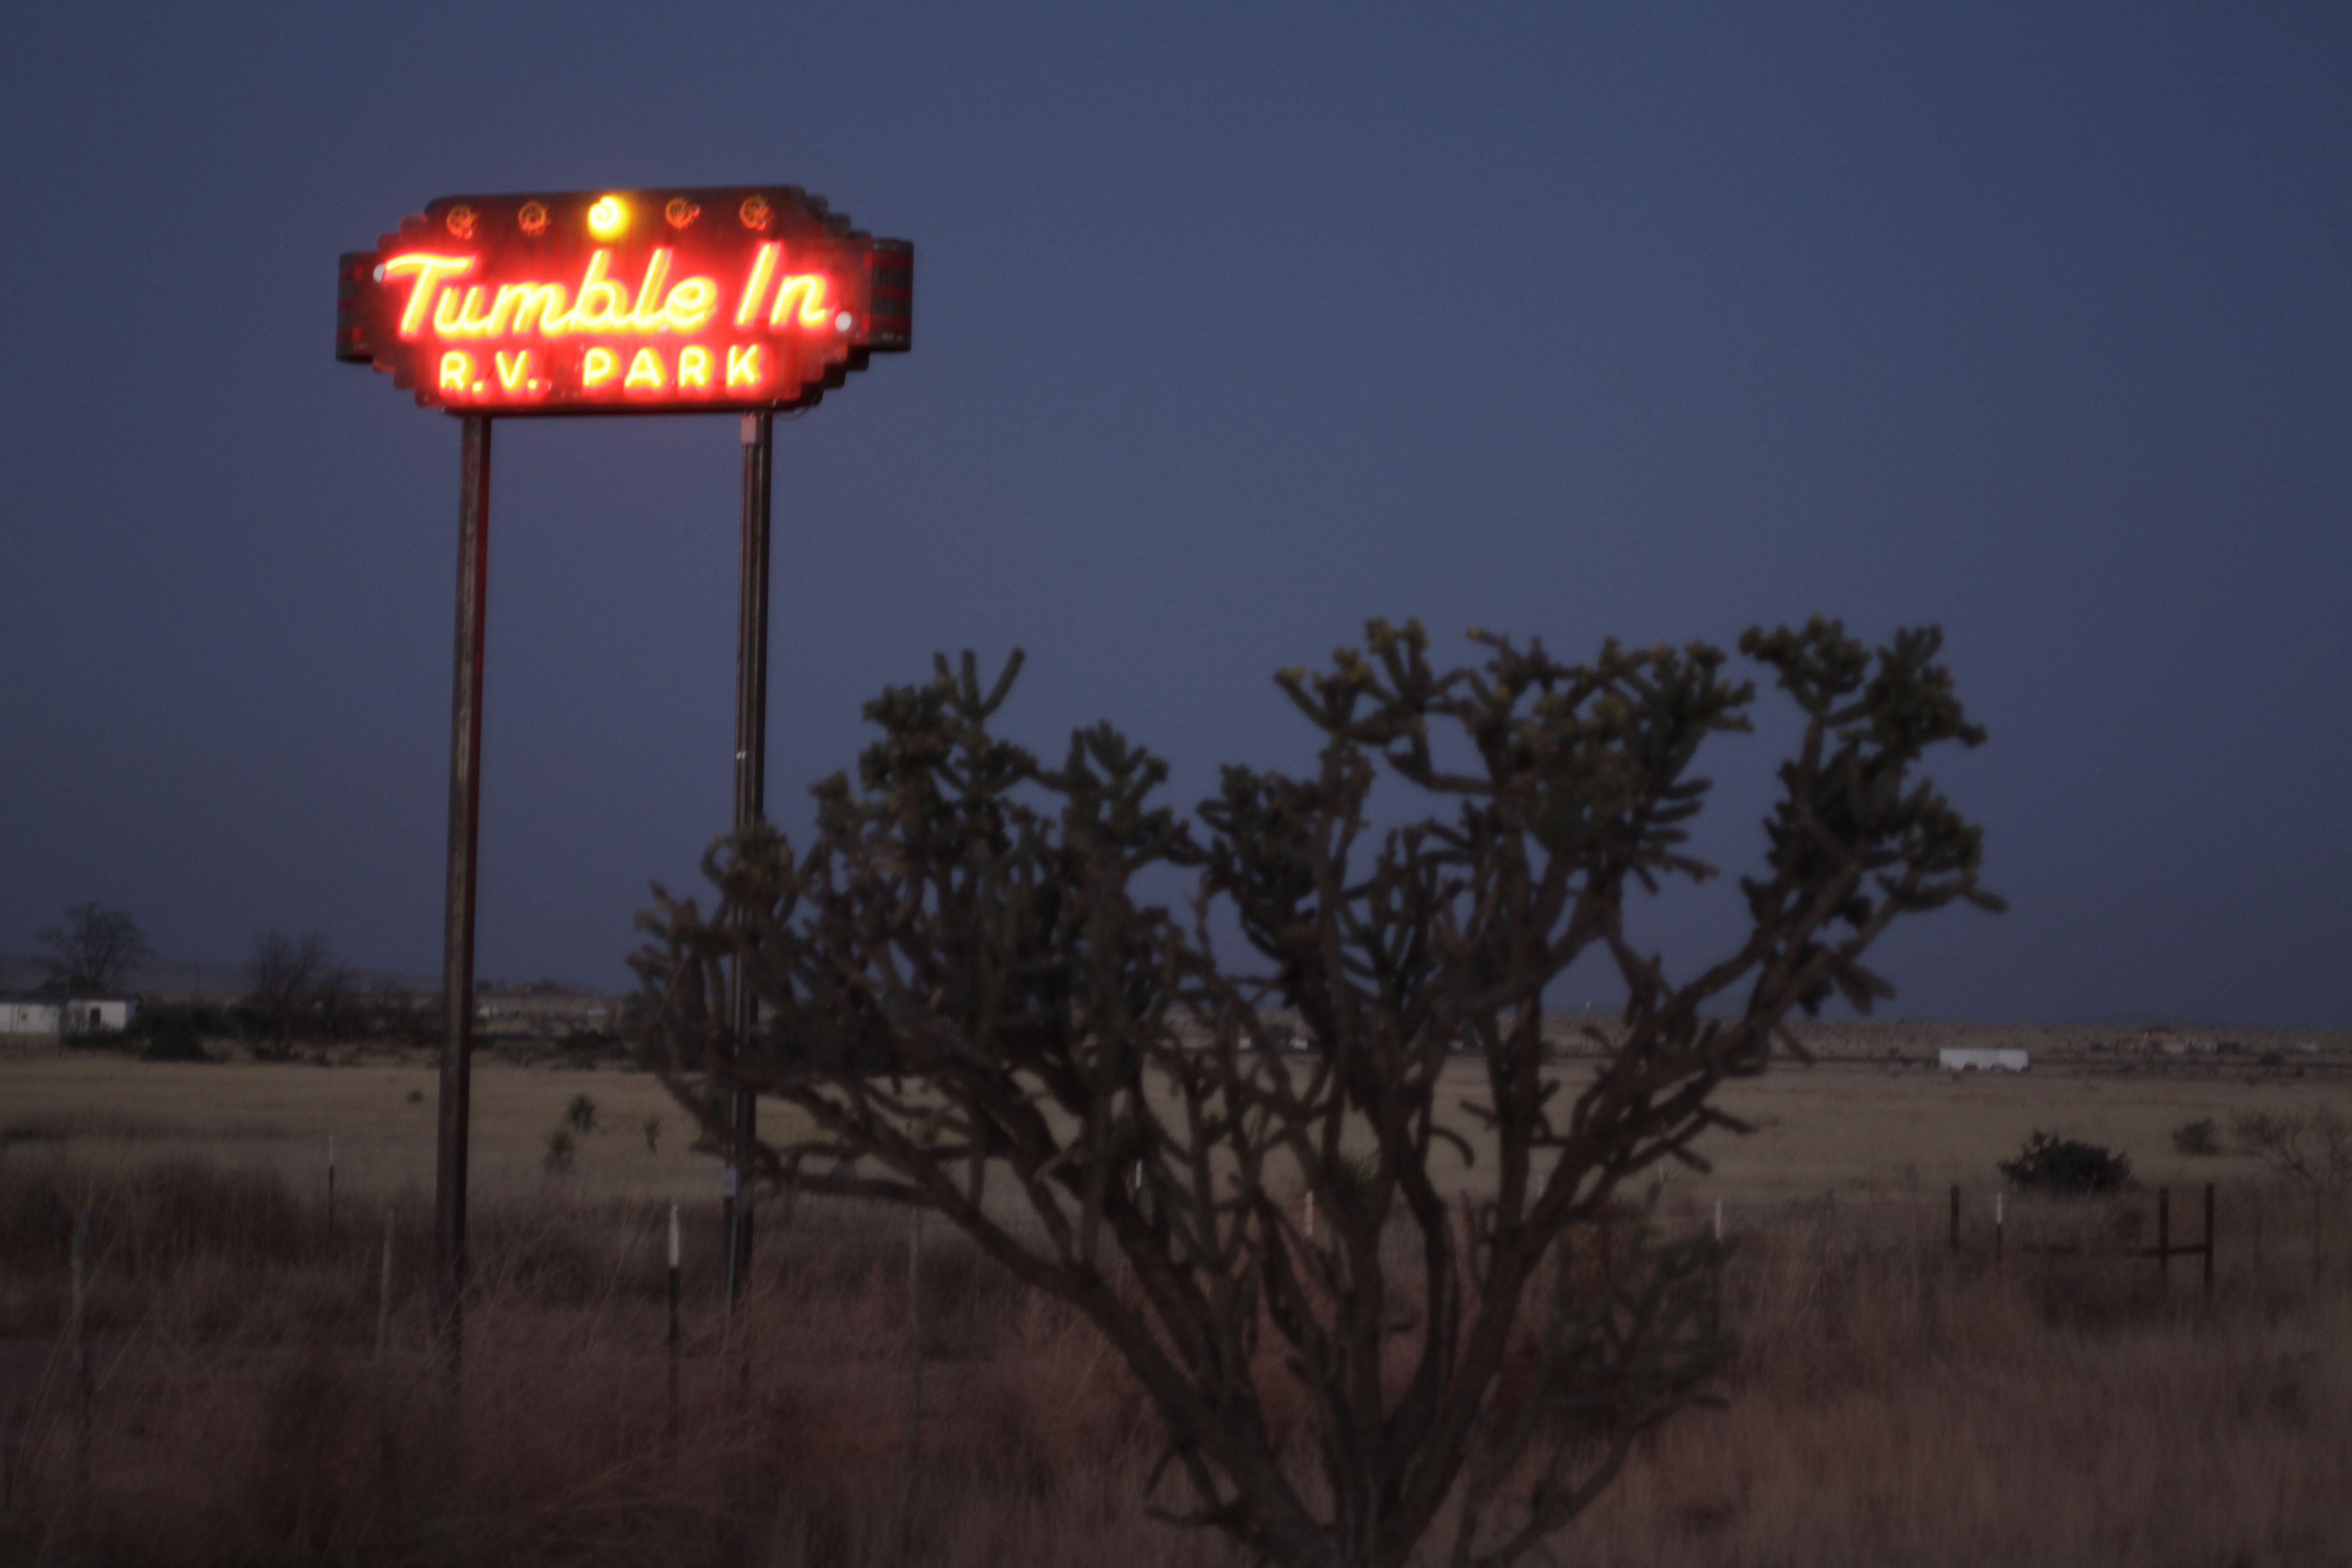 Tumble In Marfa RV Park in 2020 | Rv parks, Trip advisor, Park